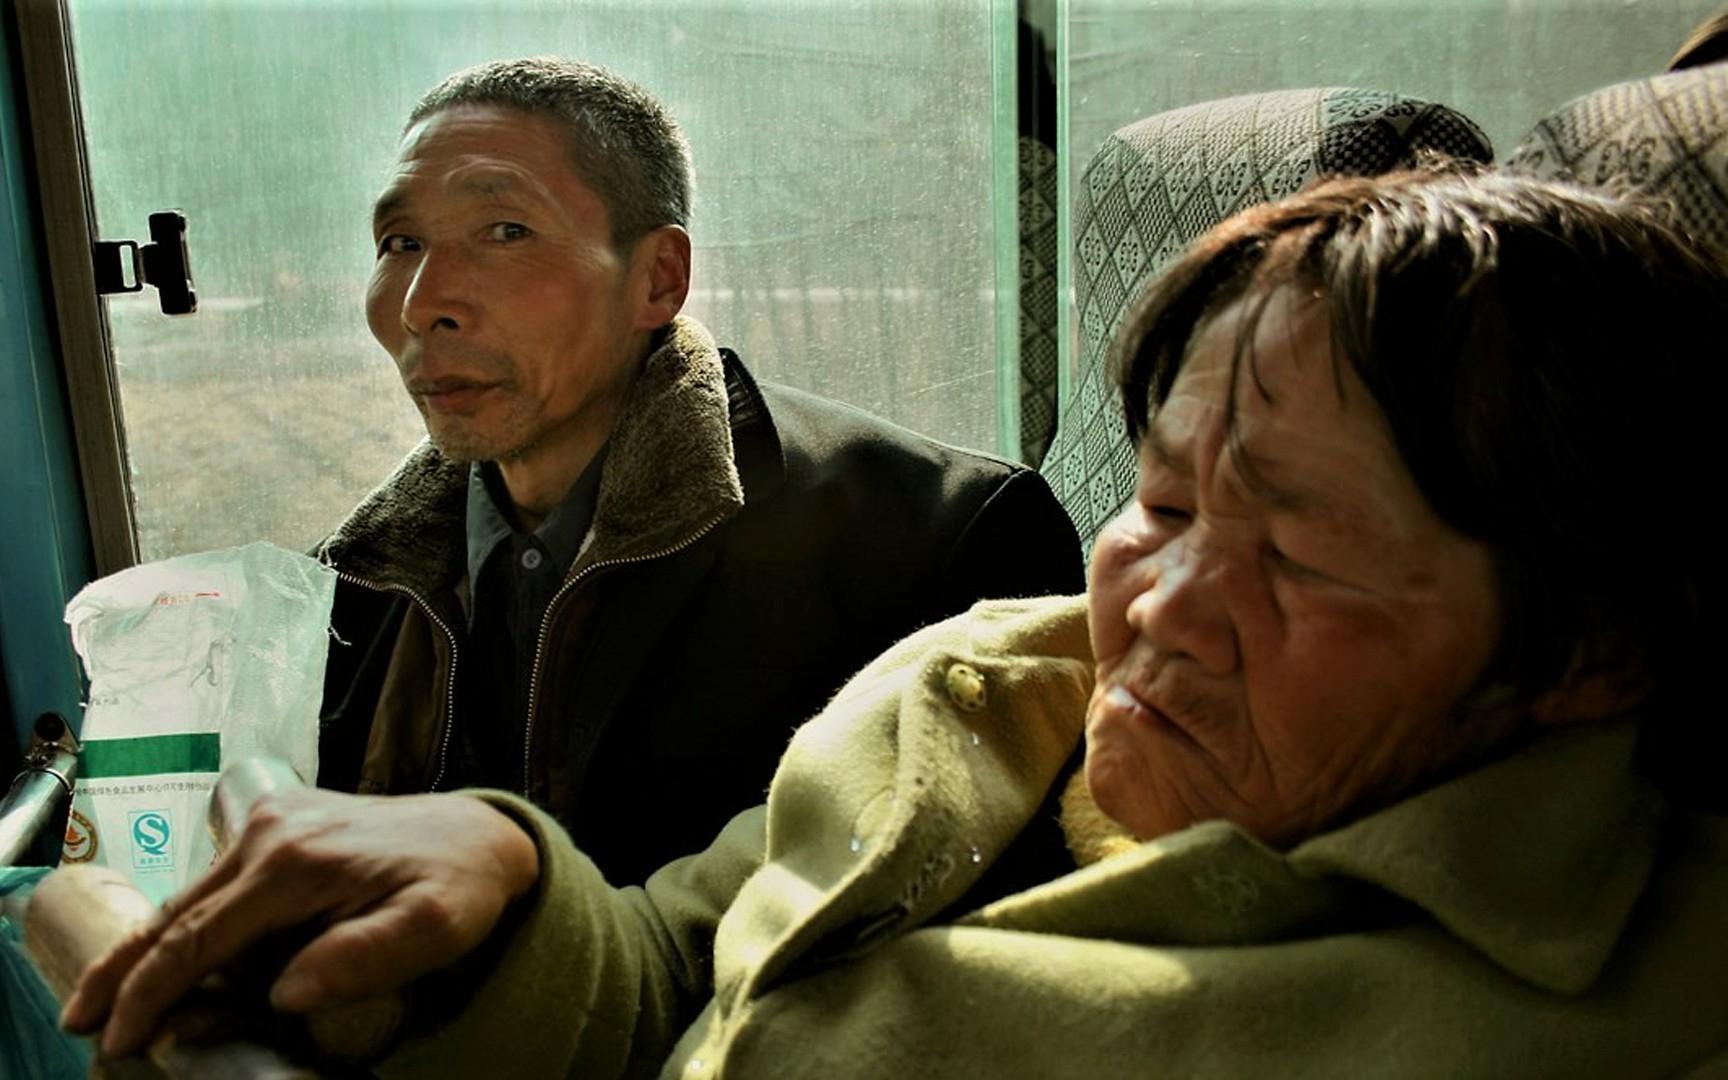 老汉130买聋哑傻当老婆,女人为救夫沦落风尘,真实记录游民世界